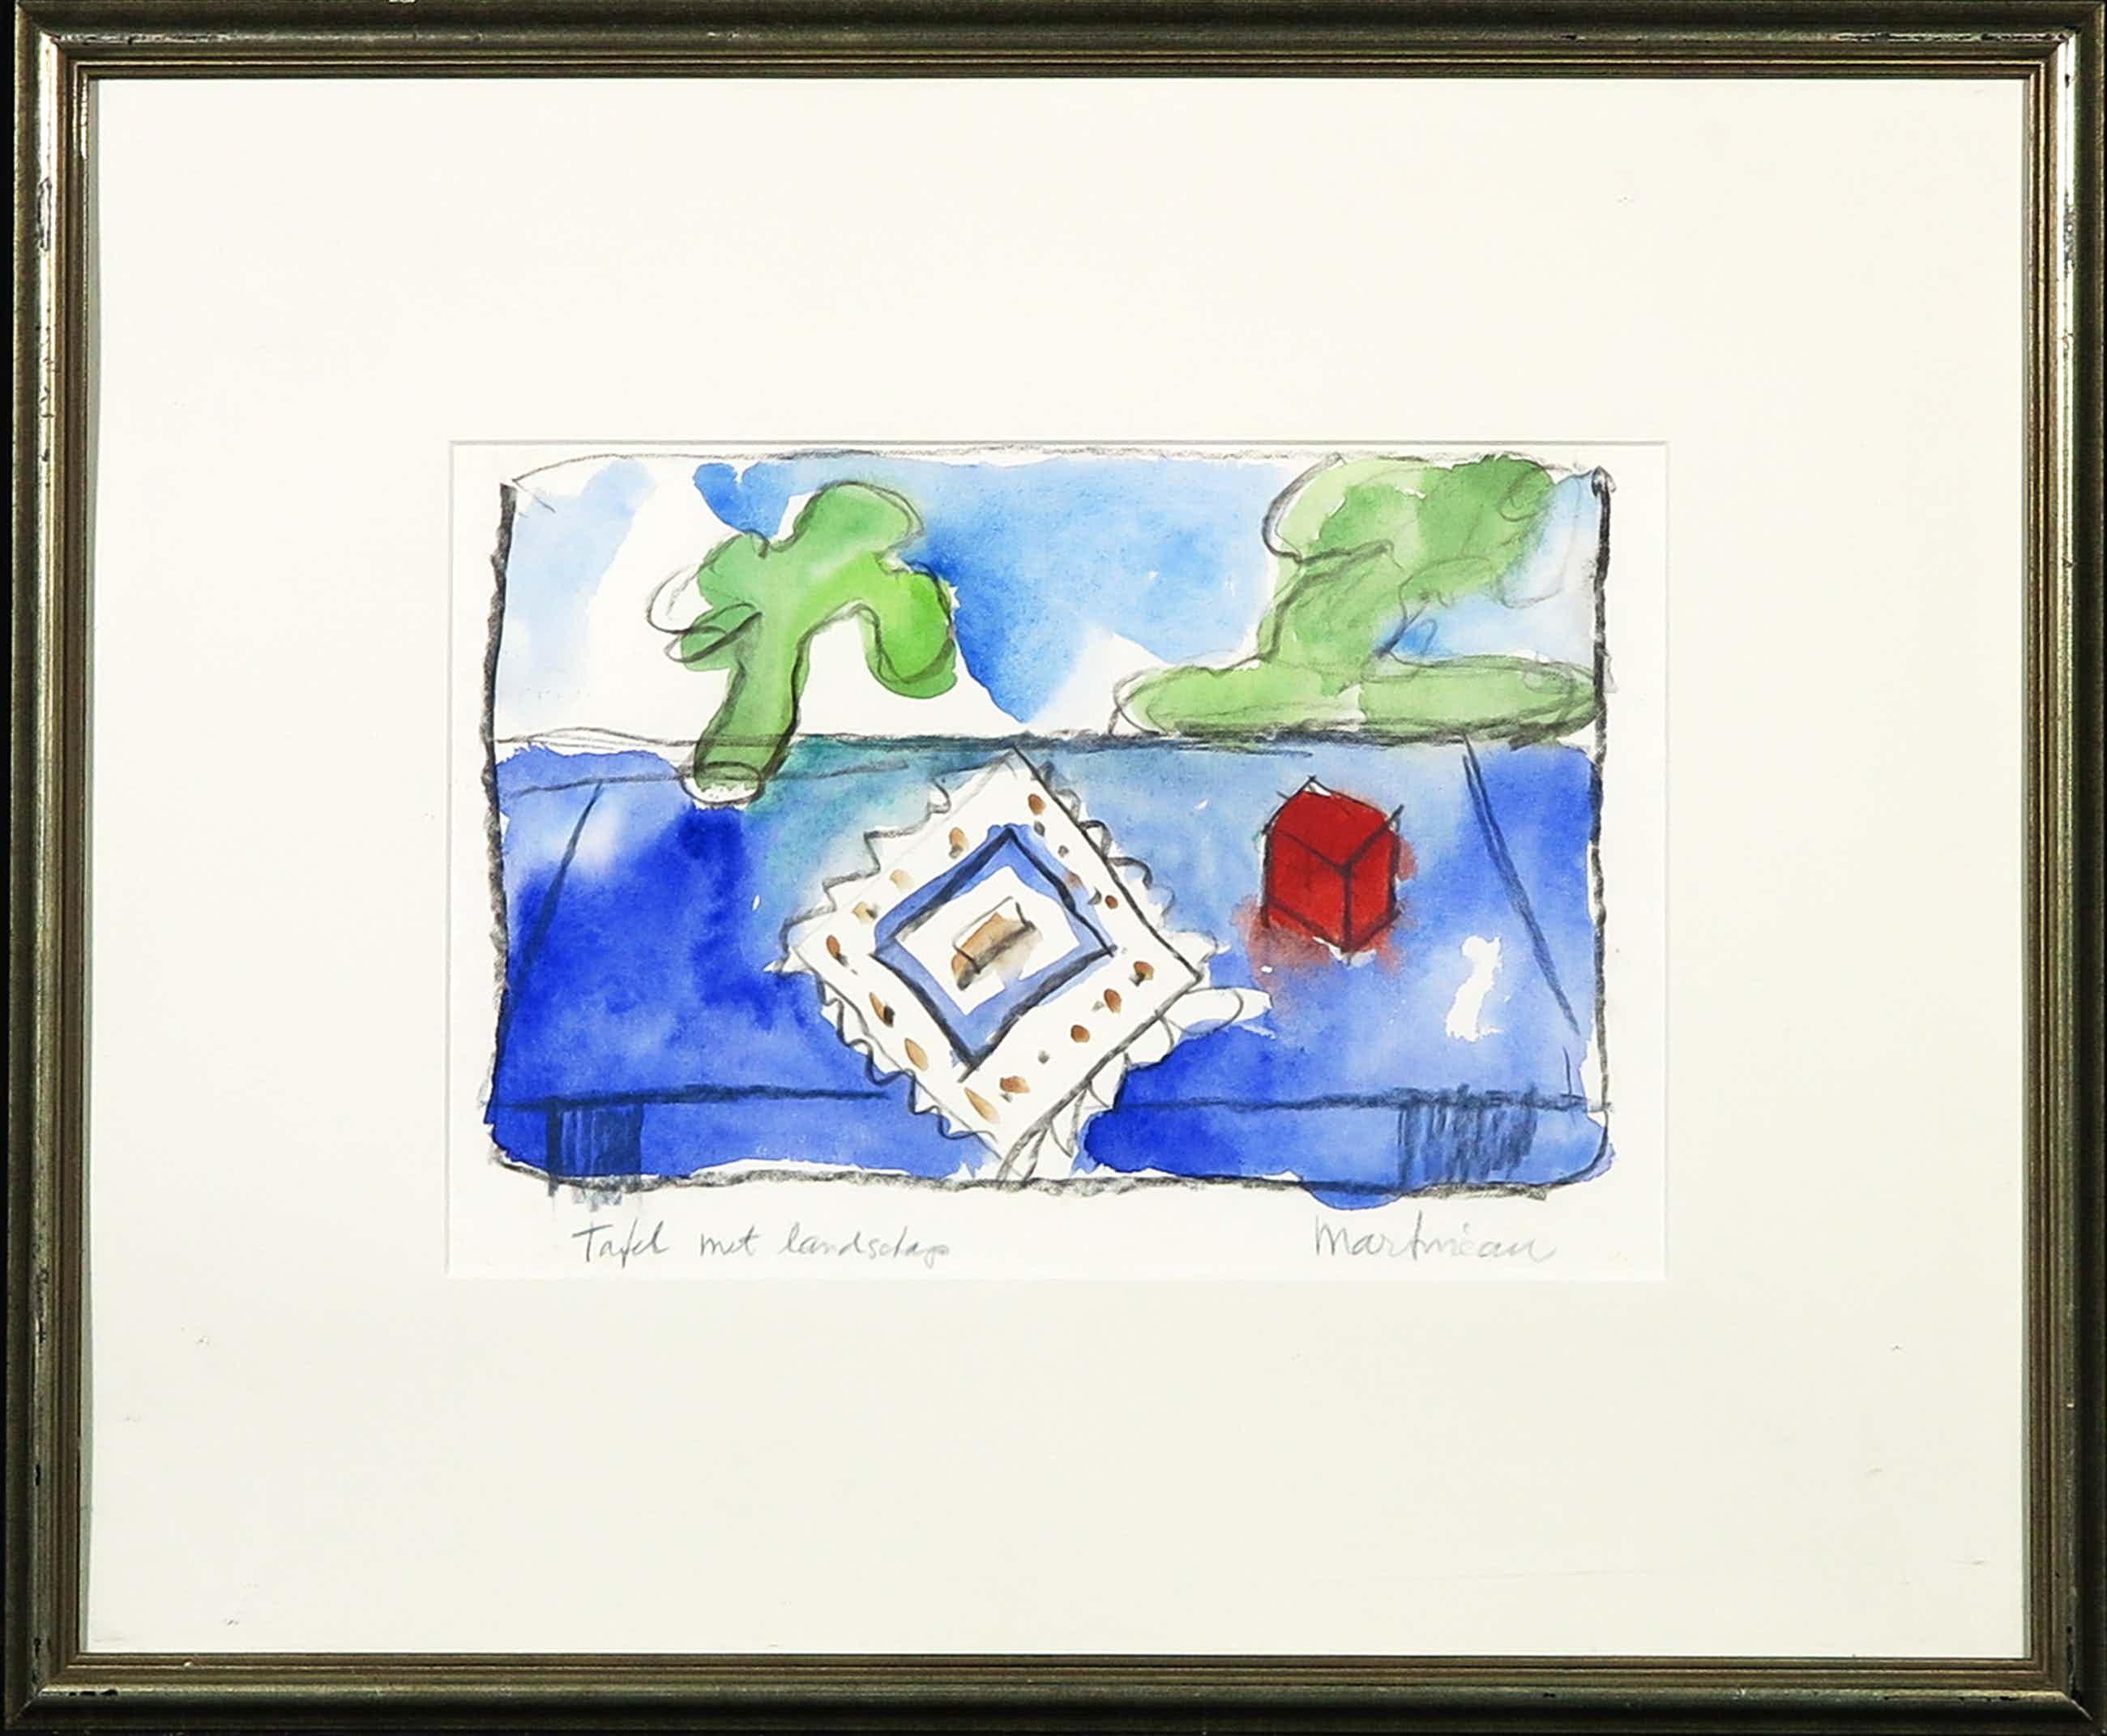 Anton Martineau - Aquarel en houtskool op papier, Tafel met landschap - Ingelijst kopen? Bied vanaf 40!